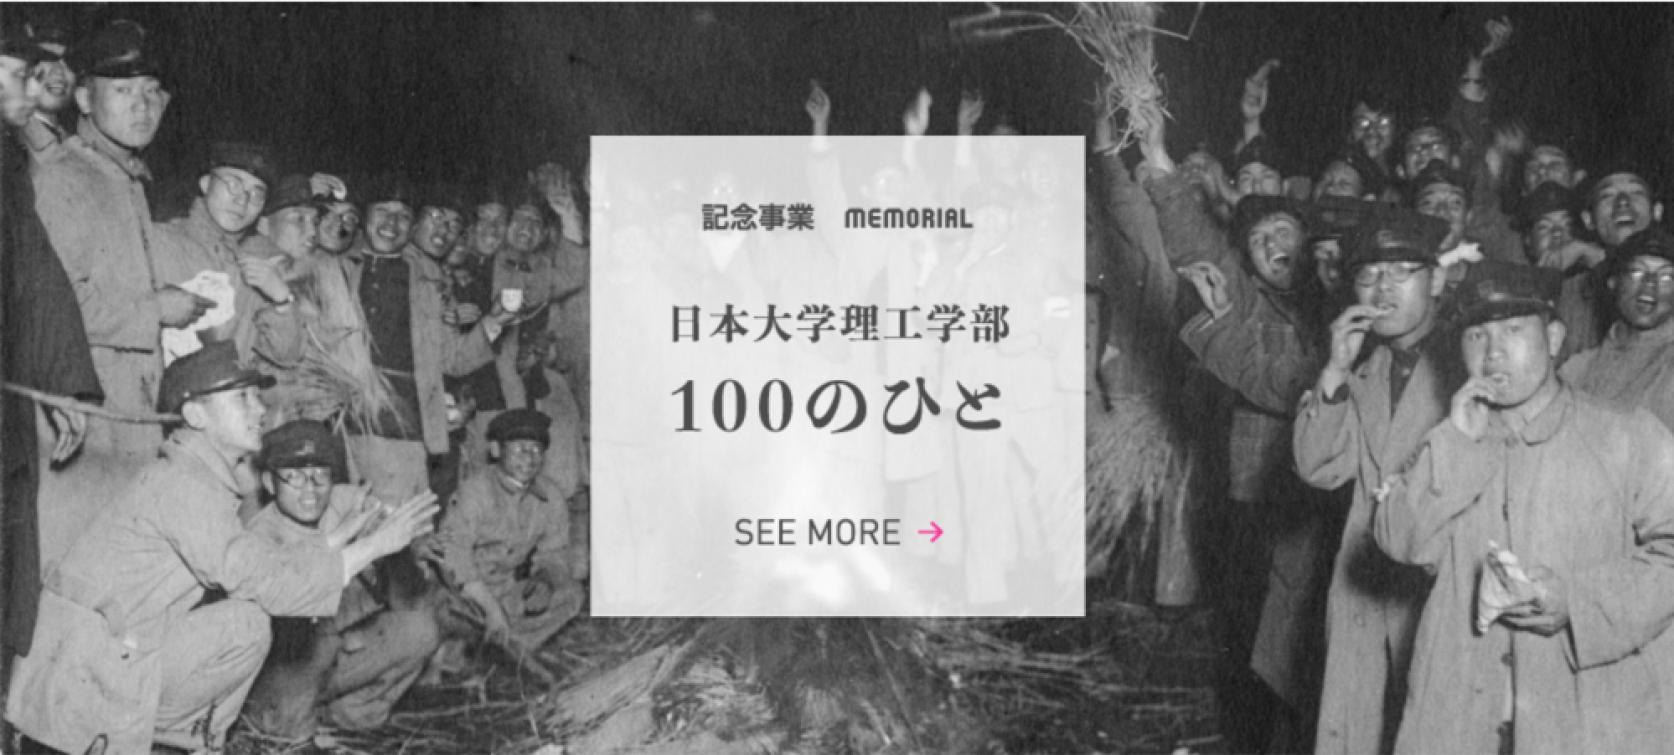 【日本大学理工学部創設100周年】特設サイトにて<日本大学理工学部100のひと>を公開しました。